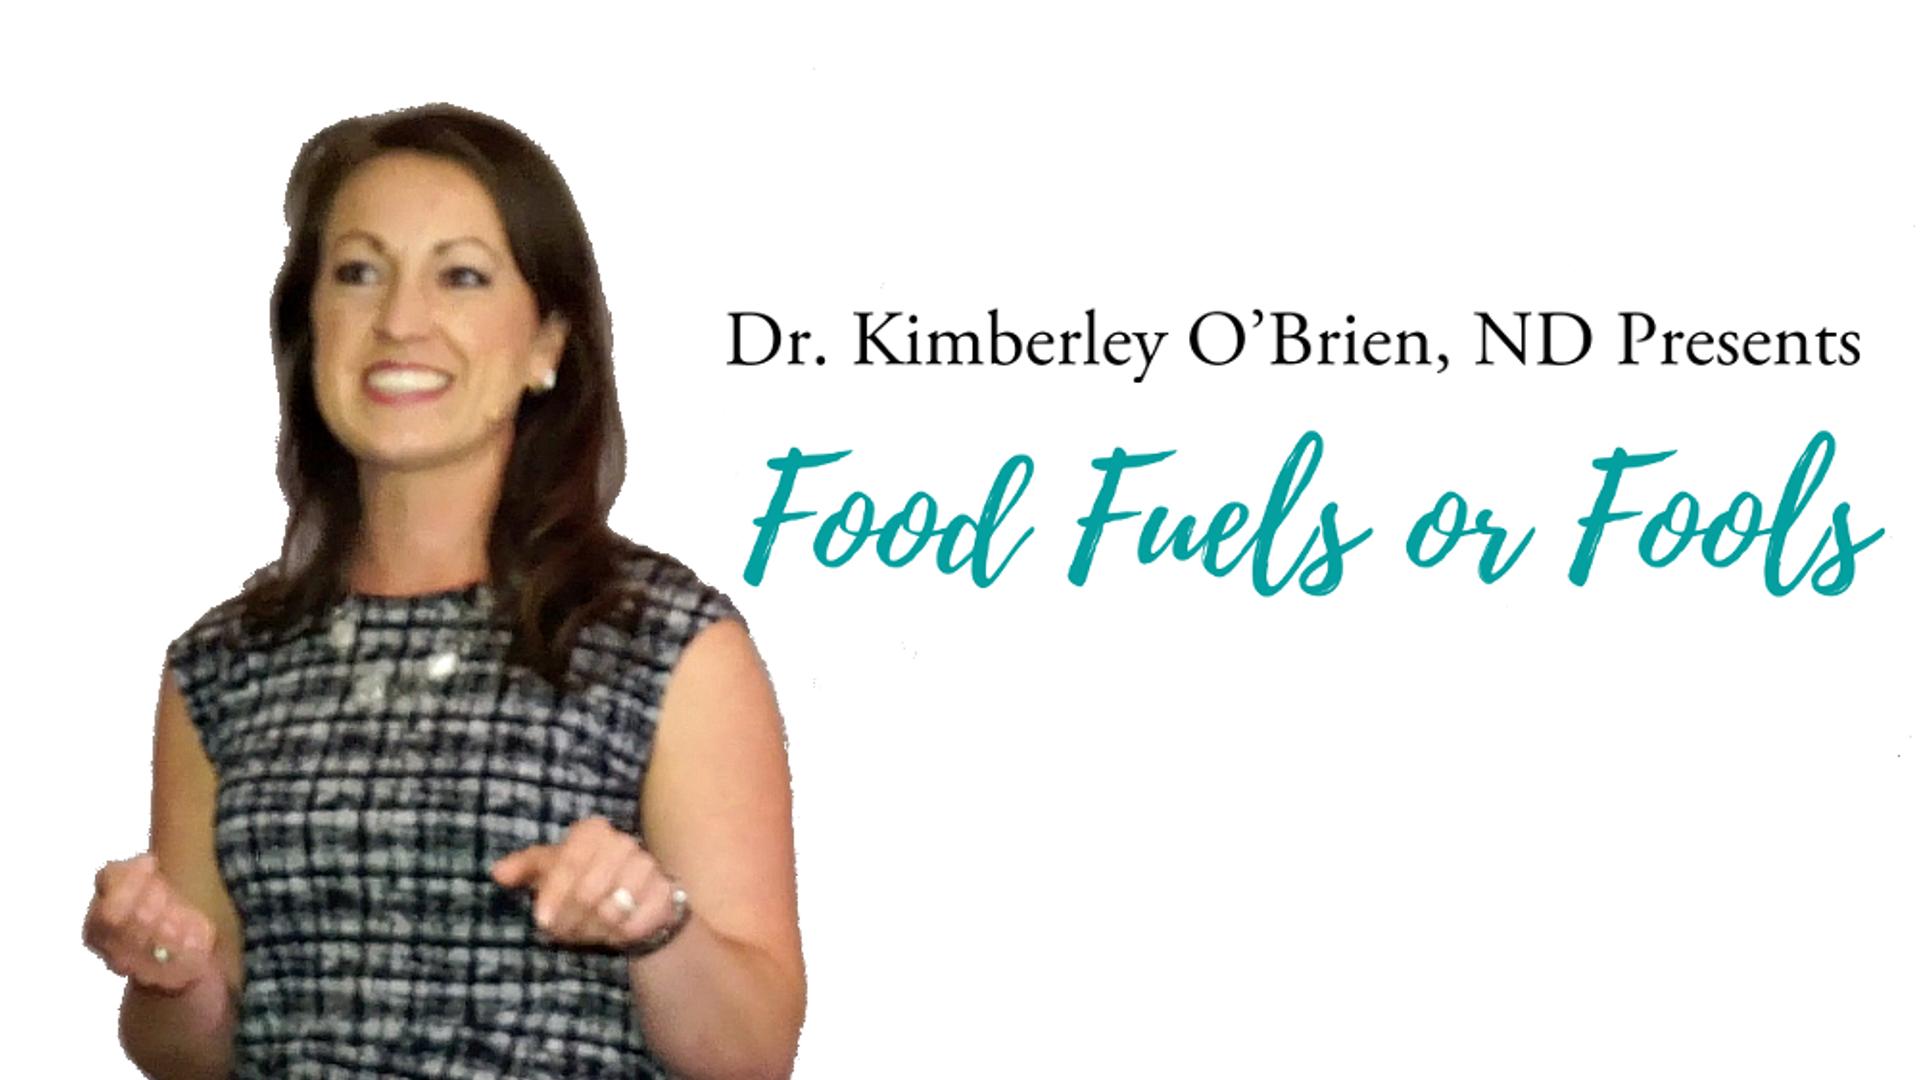 Food Fuels or Fools